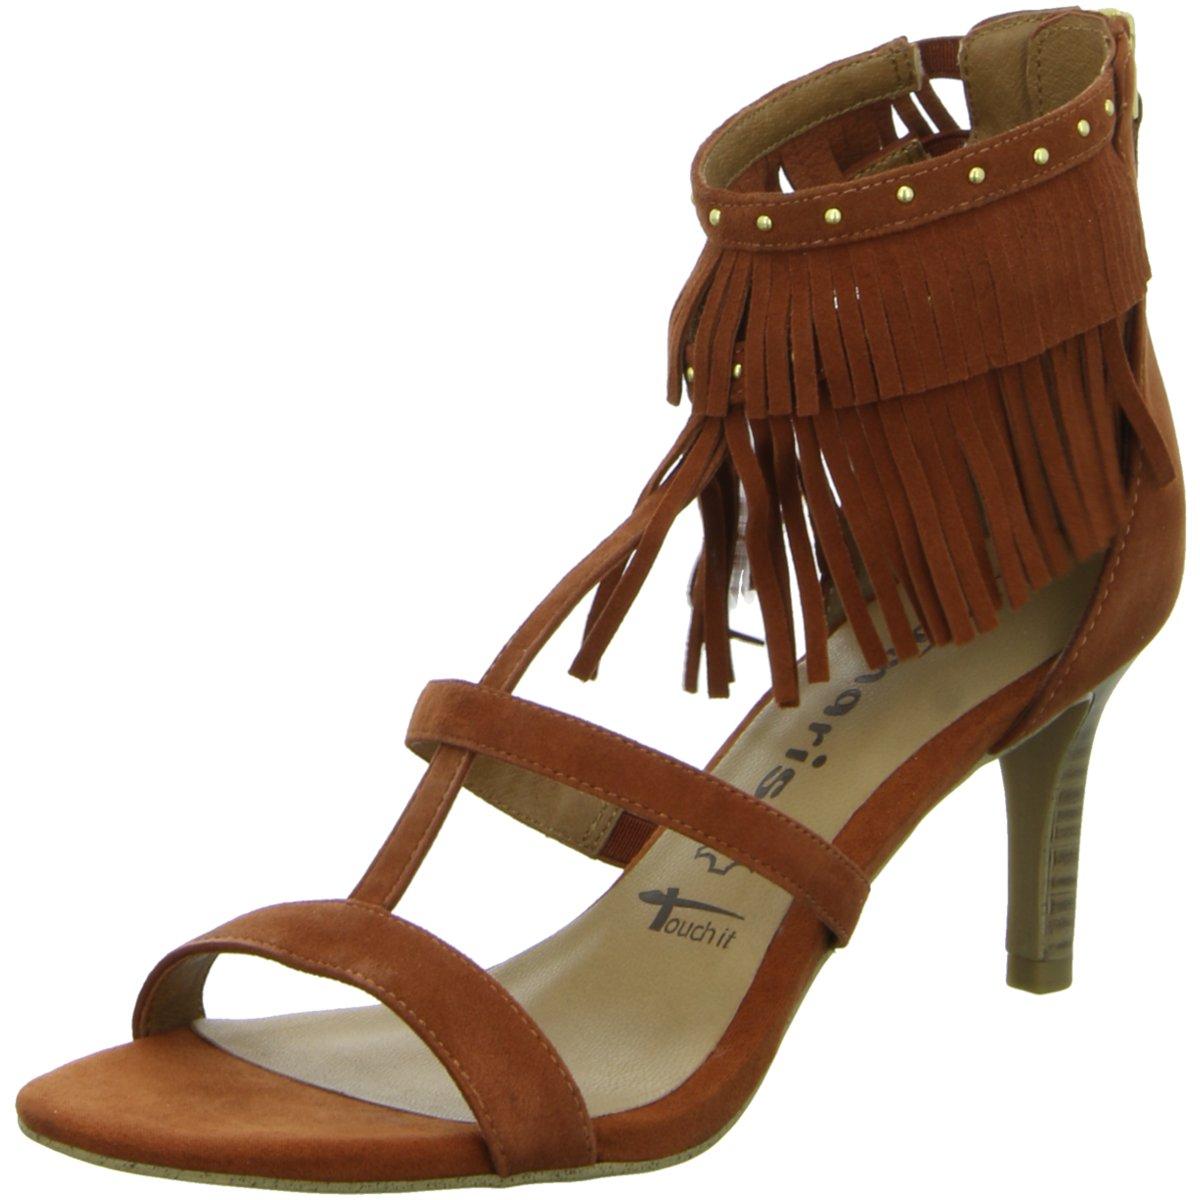 Tamaris Damen Sandaletten Sandalette eleganter Boden 1-28346-26//544 braun 133751